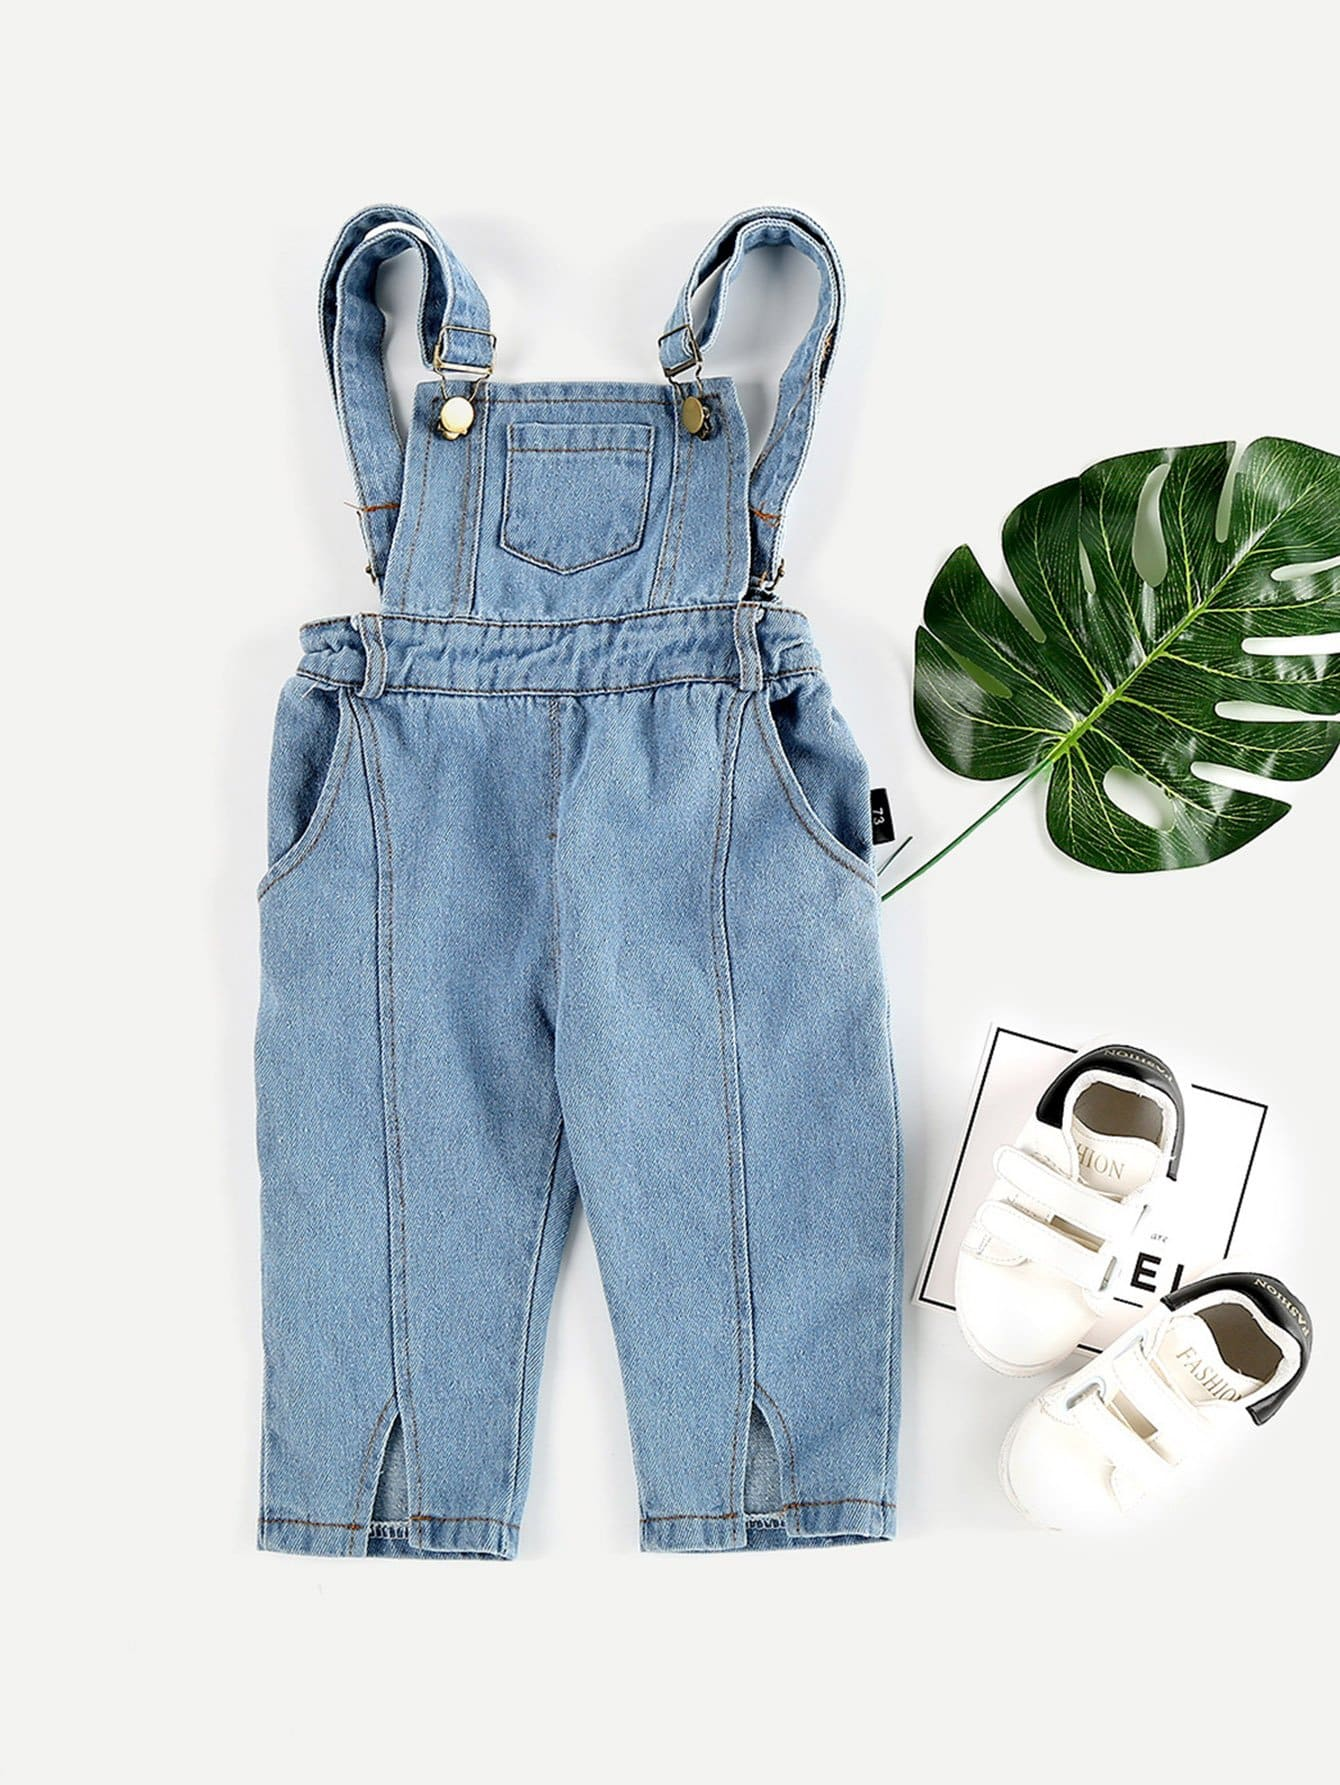 Girls Pocket Front Split Denim Overalls 2018 new spring girls children denim jeans jumpsuit overalls pants striped t shirt tracksuit sets for teenagers girls kids 71